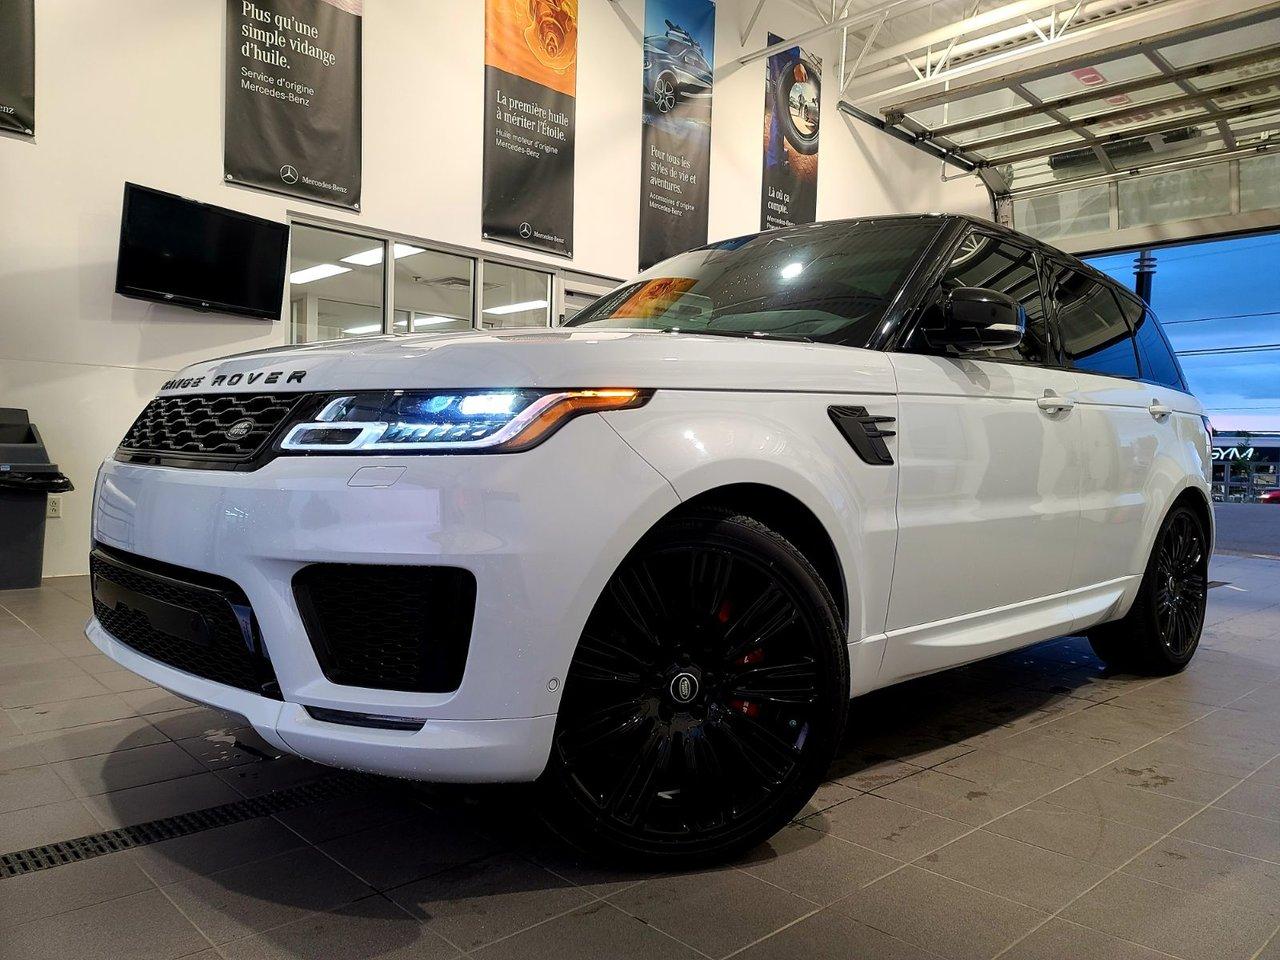 2019 Land Rover  Range Rover Sport - $99980.00+Tx